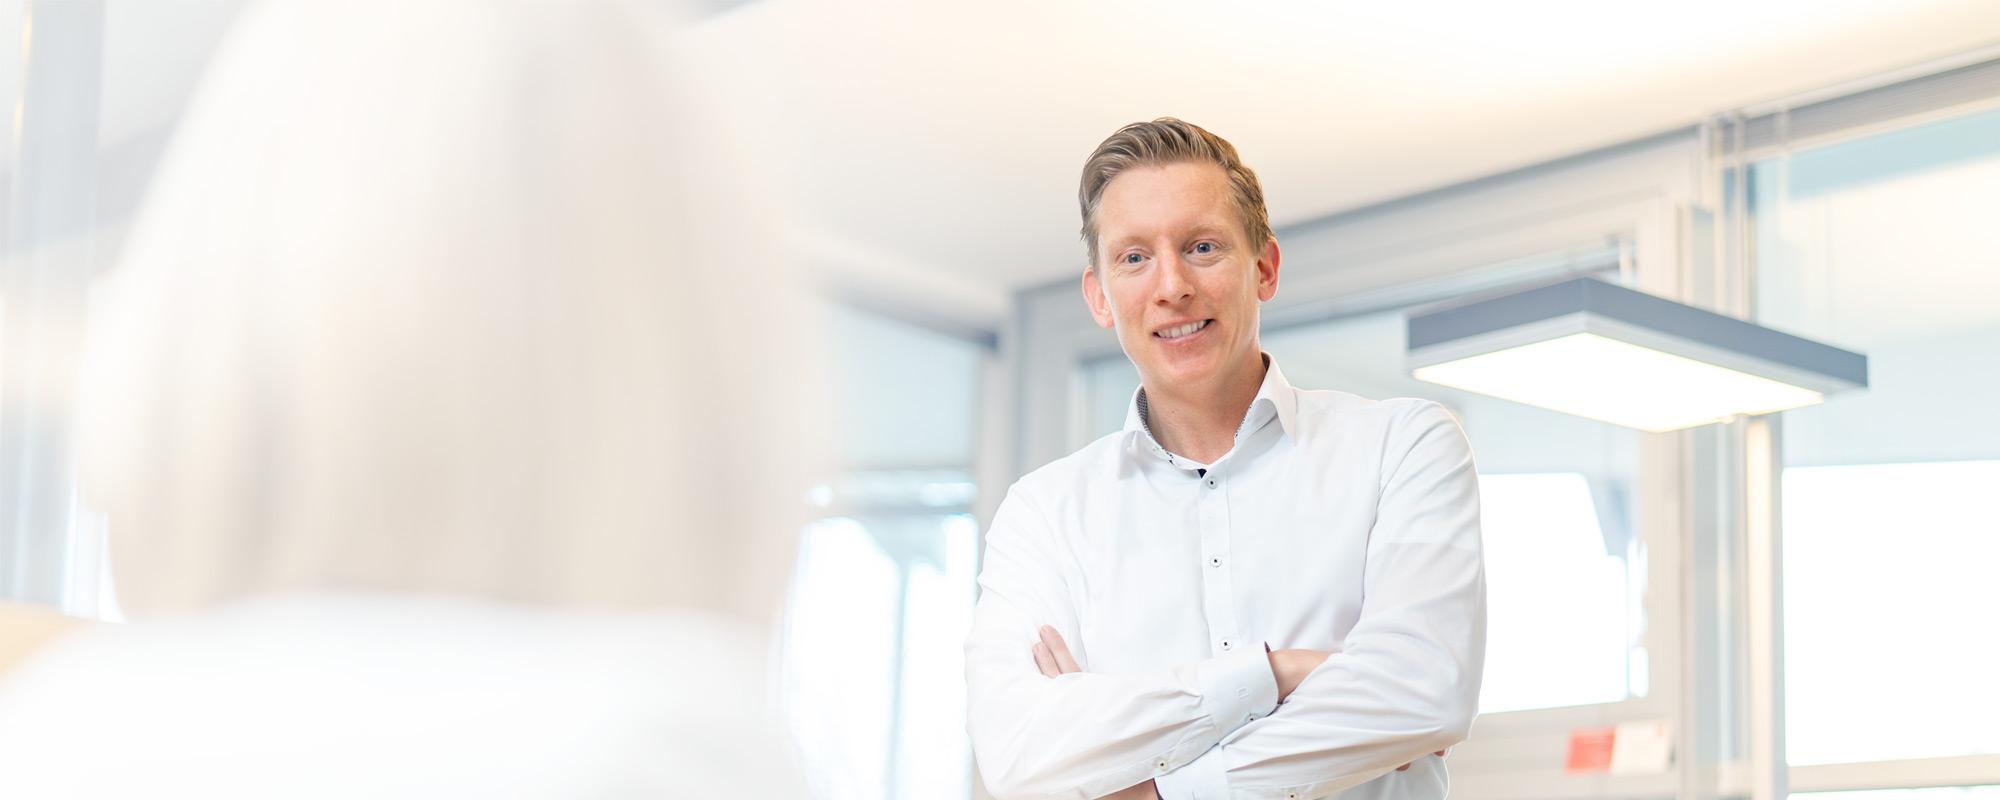 Marcus Schäfer, Servicemanager